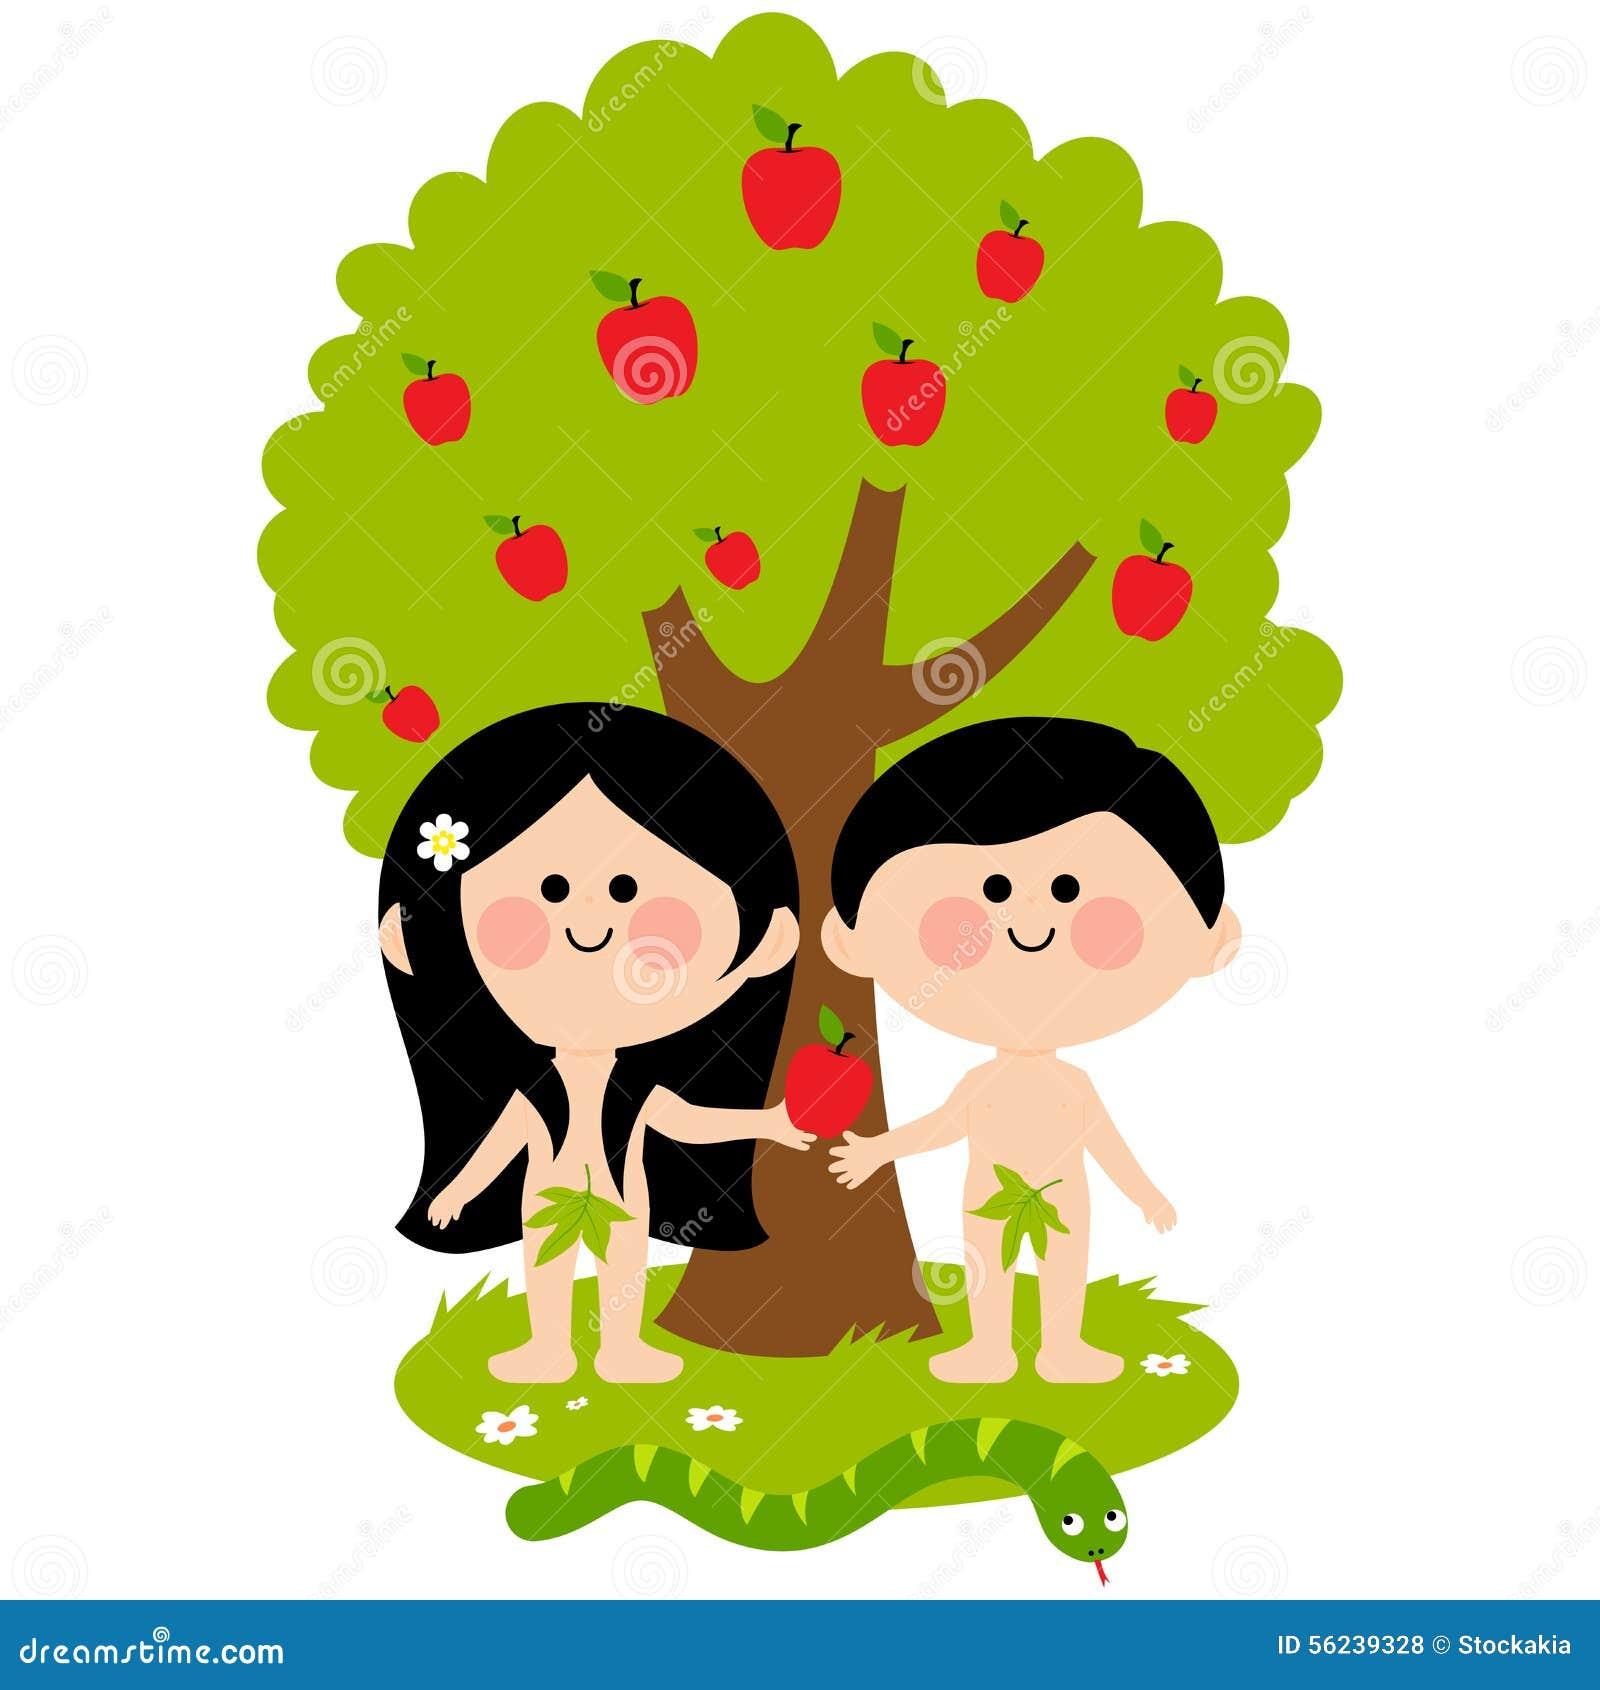 Adán y Eva ilustración del vector. Ilustración de paraíso - 56239328